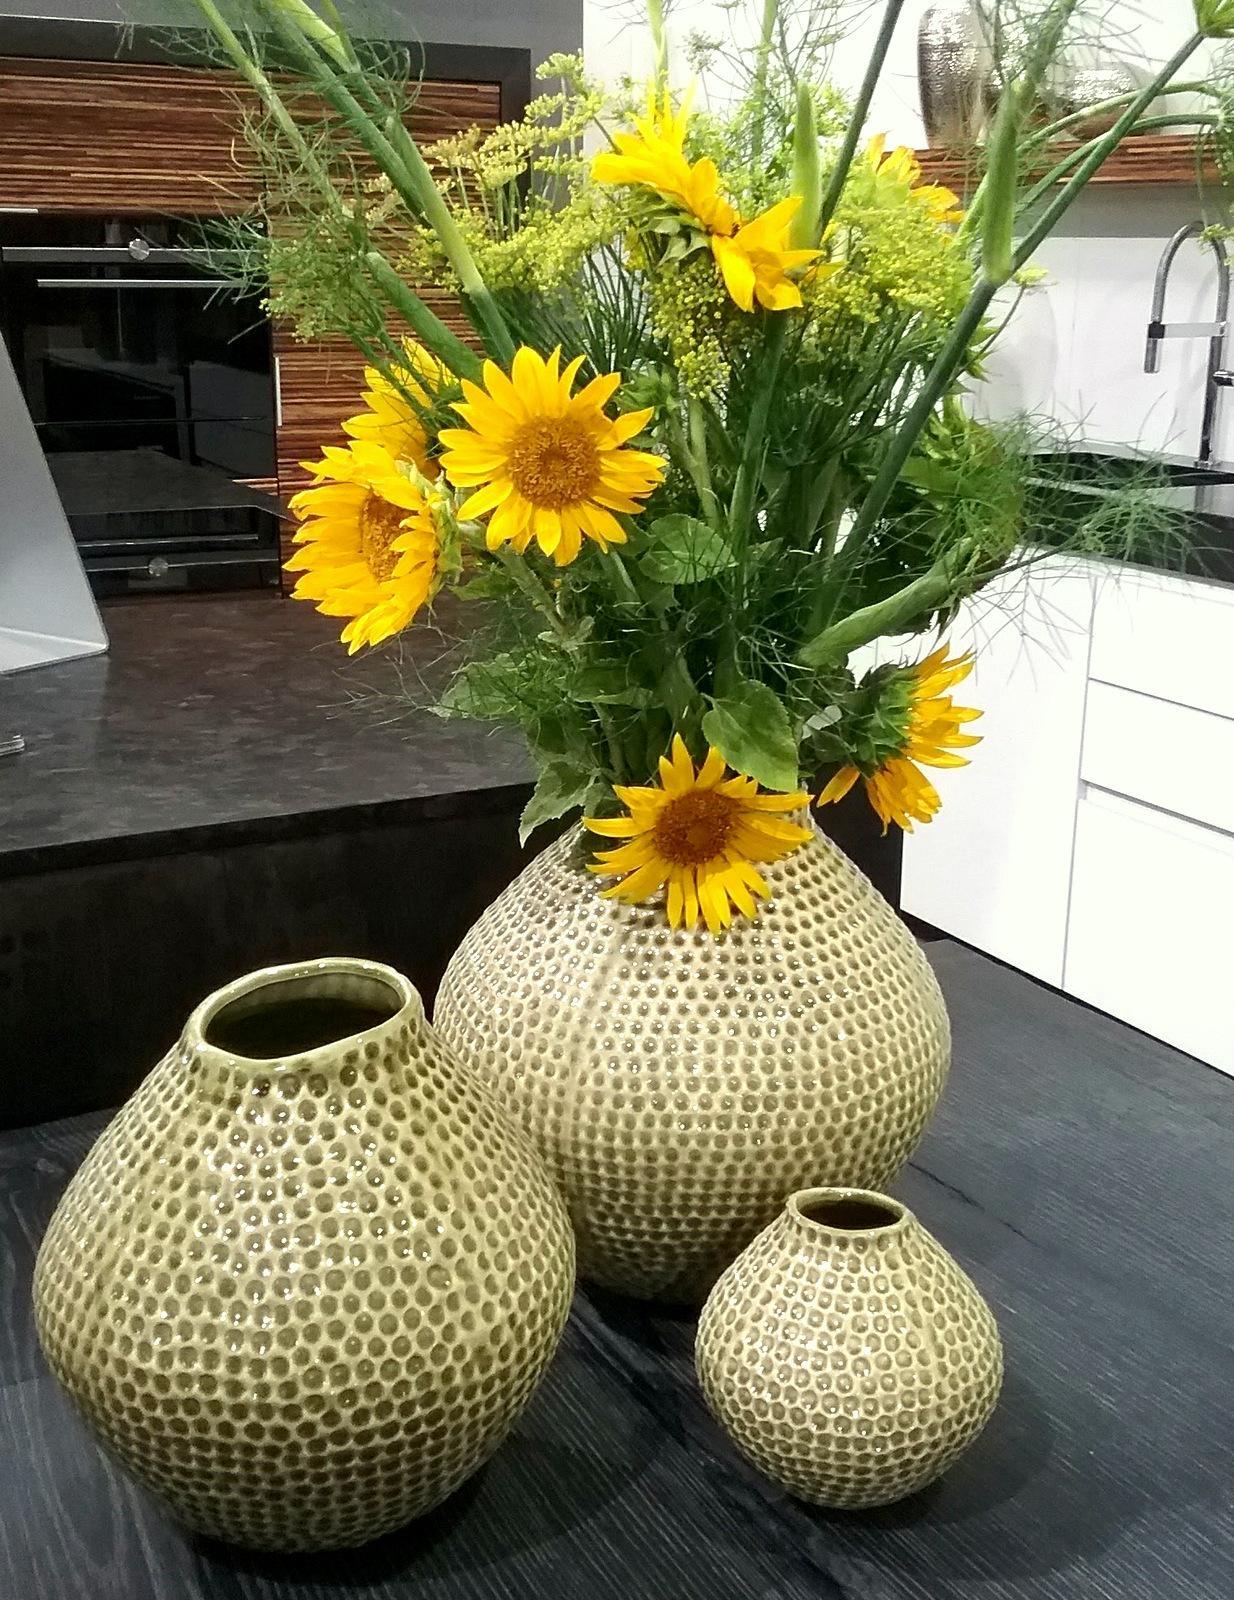 Cool Tischdeko Selber Machen Sommer Referenz Von #sommer #sonne #sonnenblume #tischdeko #keramikvase In 3